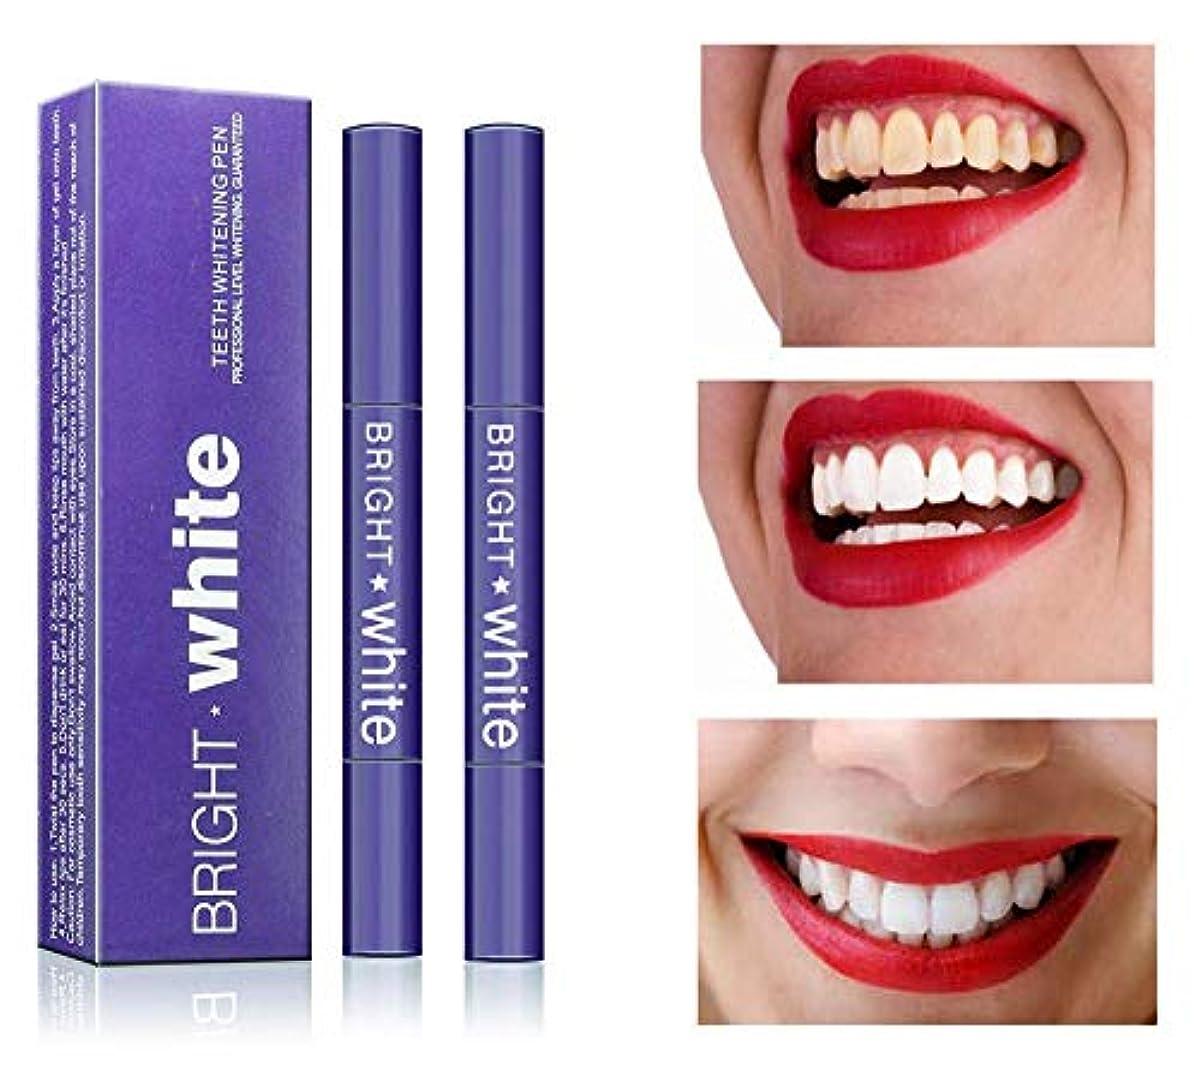 ブランド名なめらかハードリングOdette 2019 歯のホワイトニング 美白歯ゲル 歯 ホワイトニングペン ホワイトニングペン 歯ブラシ 輝く笑顔 口臭防止 歯周病防止 2本 (#02)